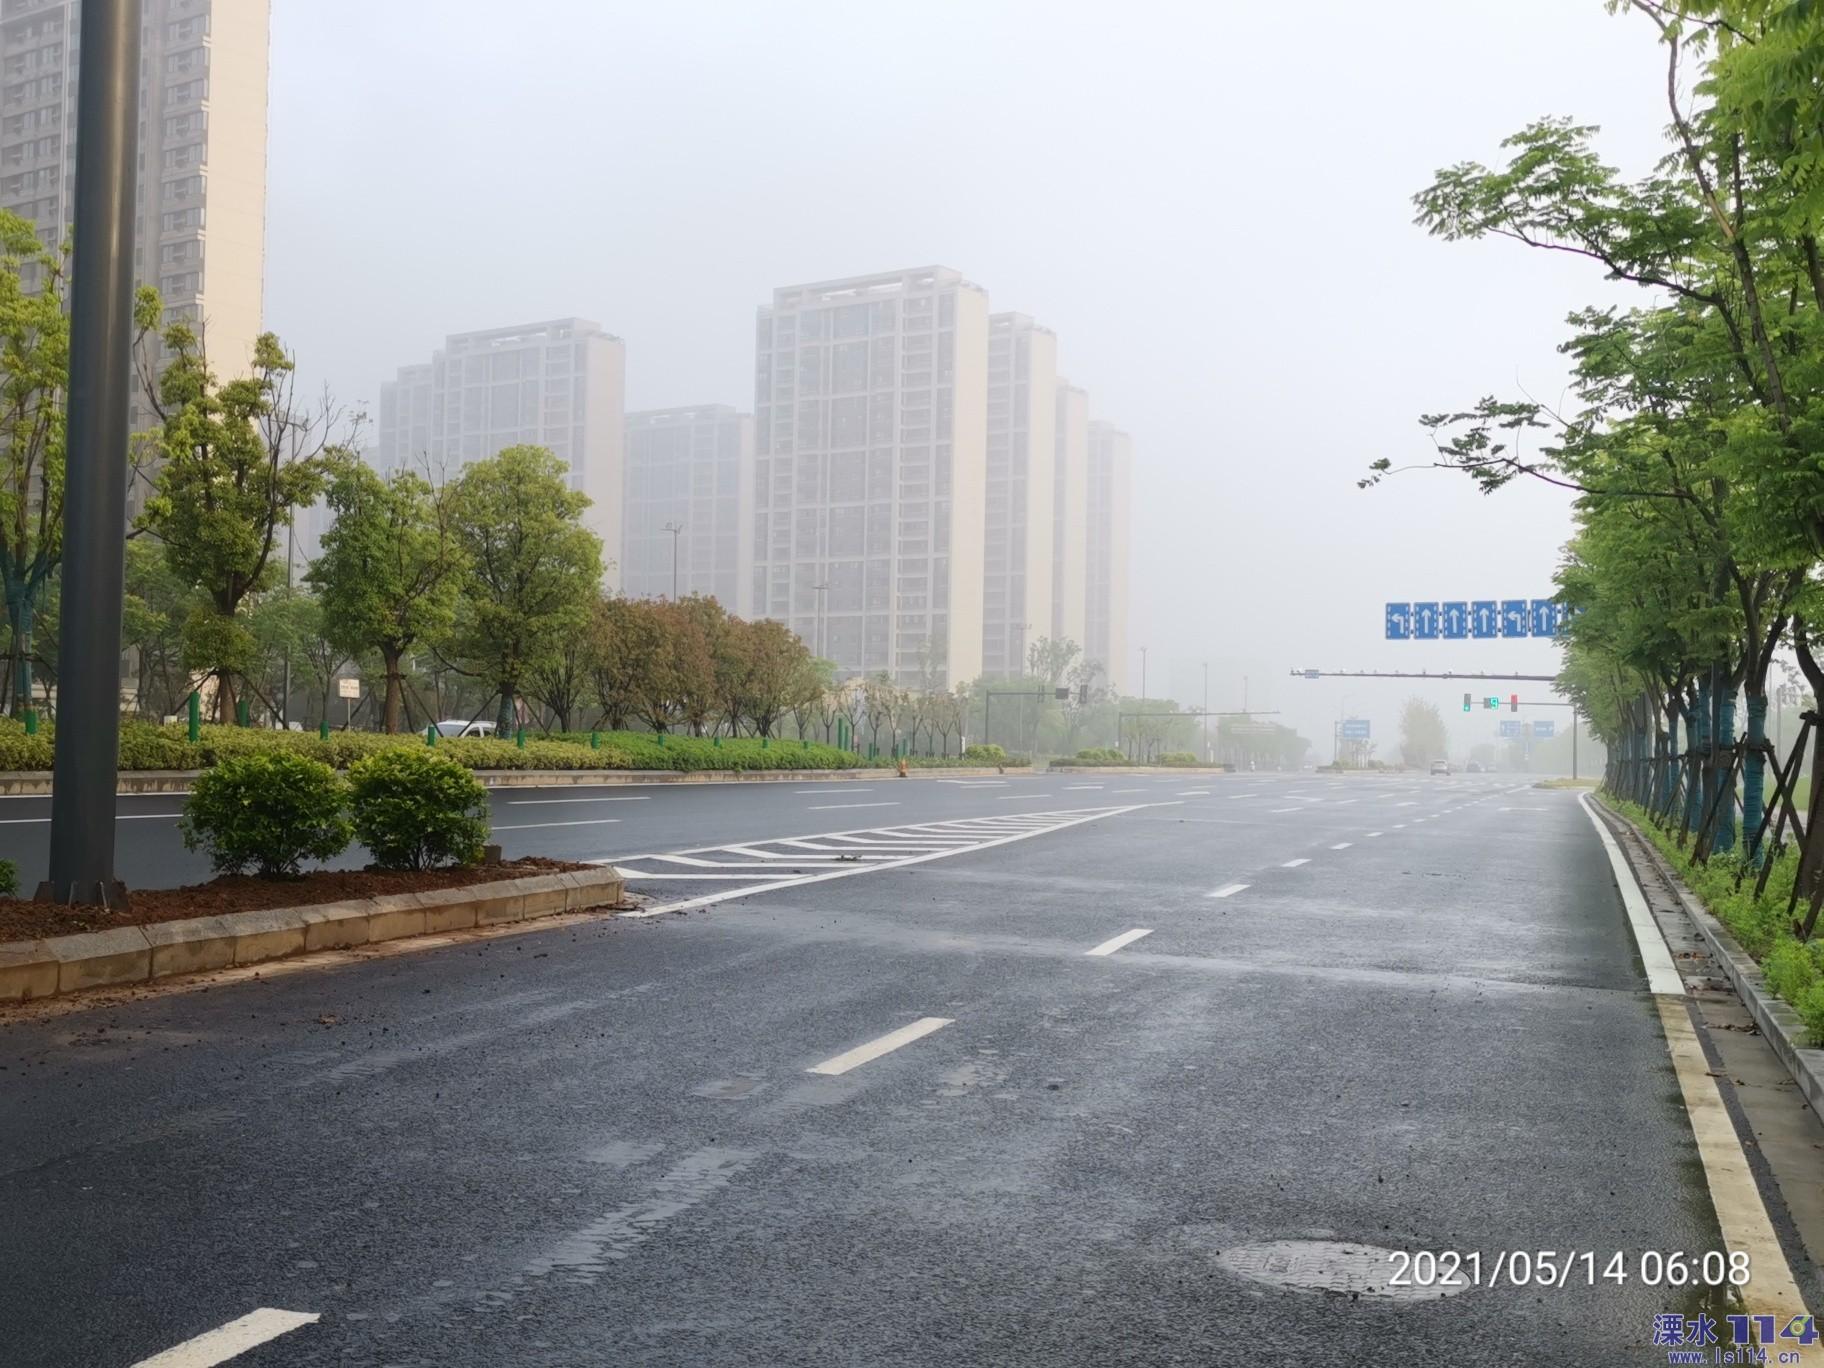 123省人了道改造逐段�M展,204街道竣工段�直坦��!